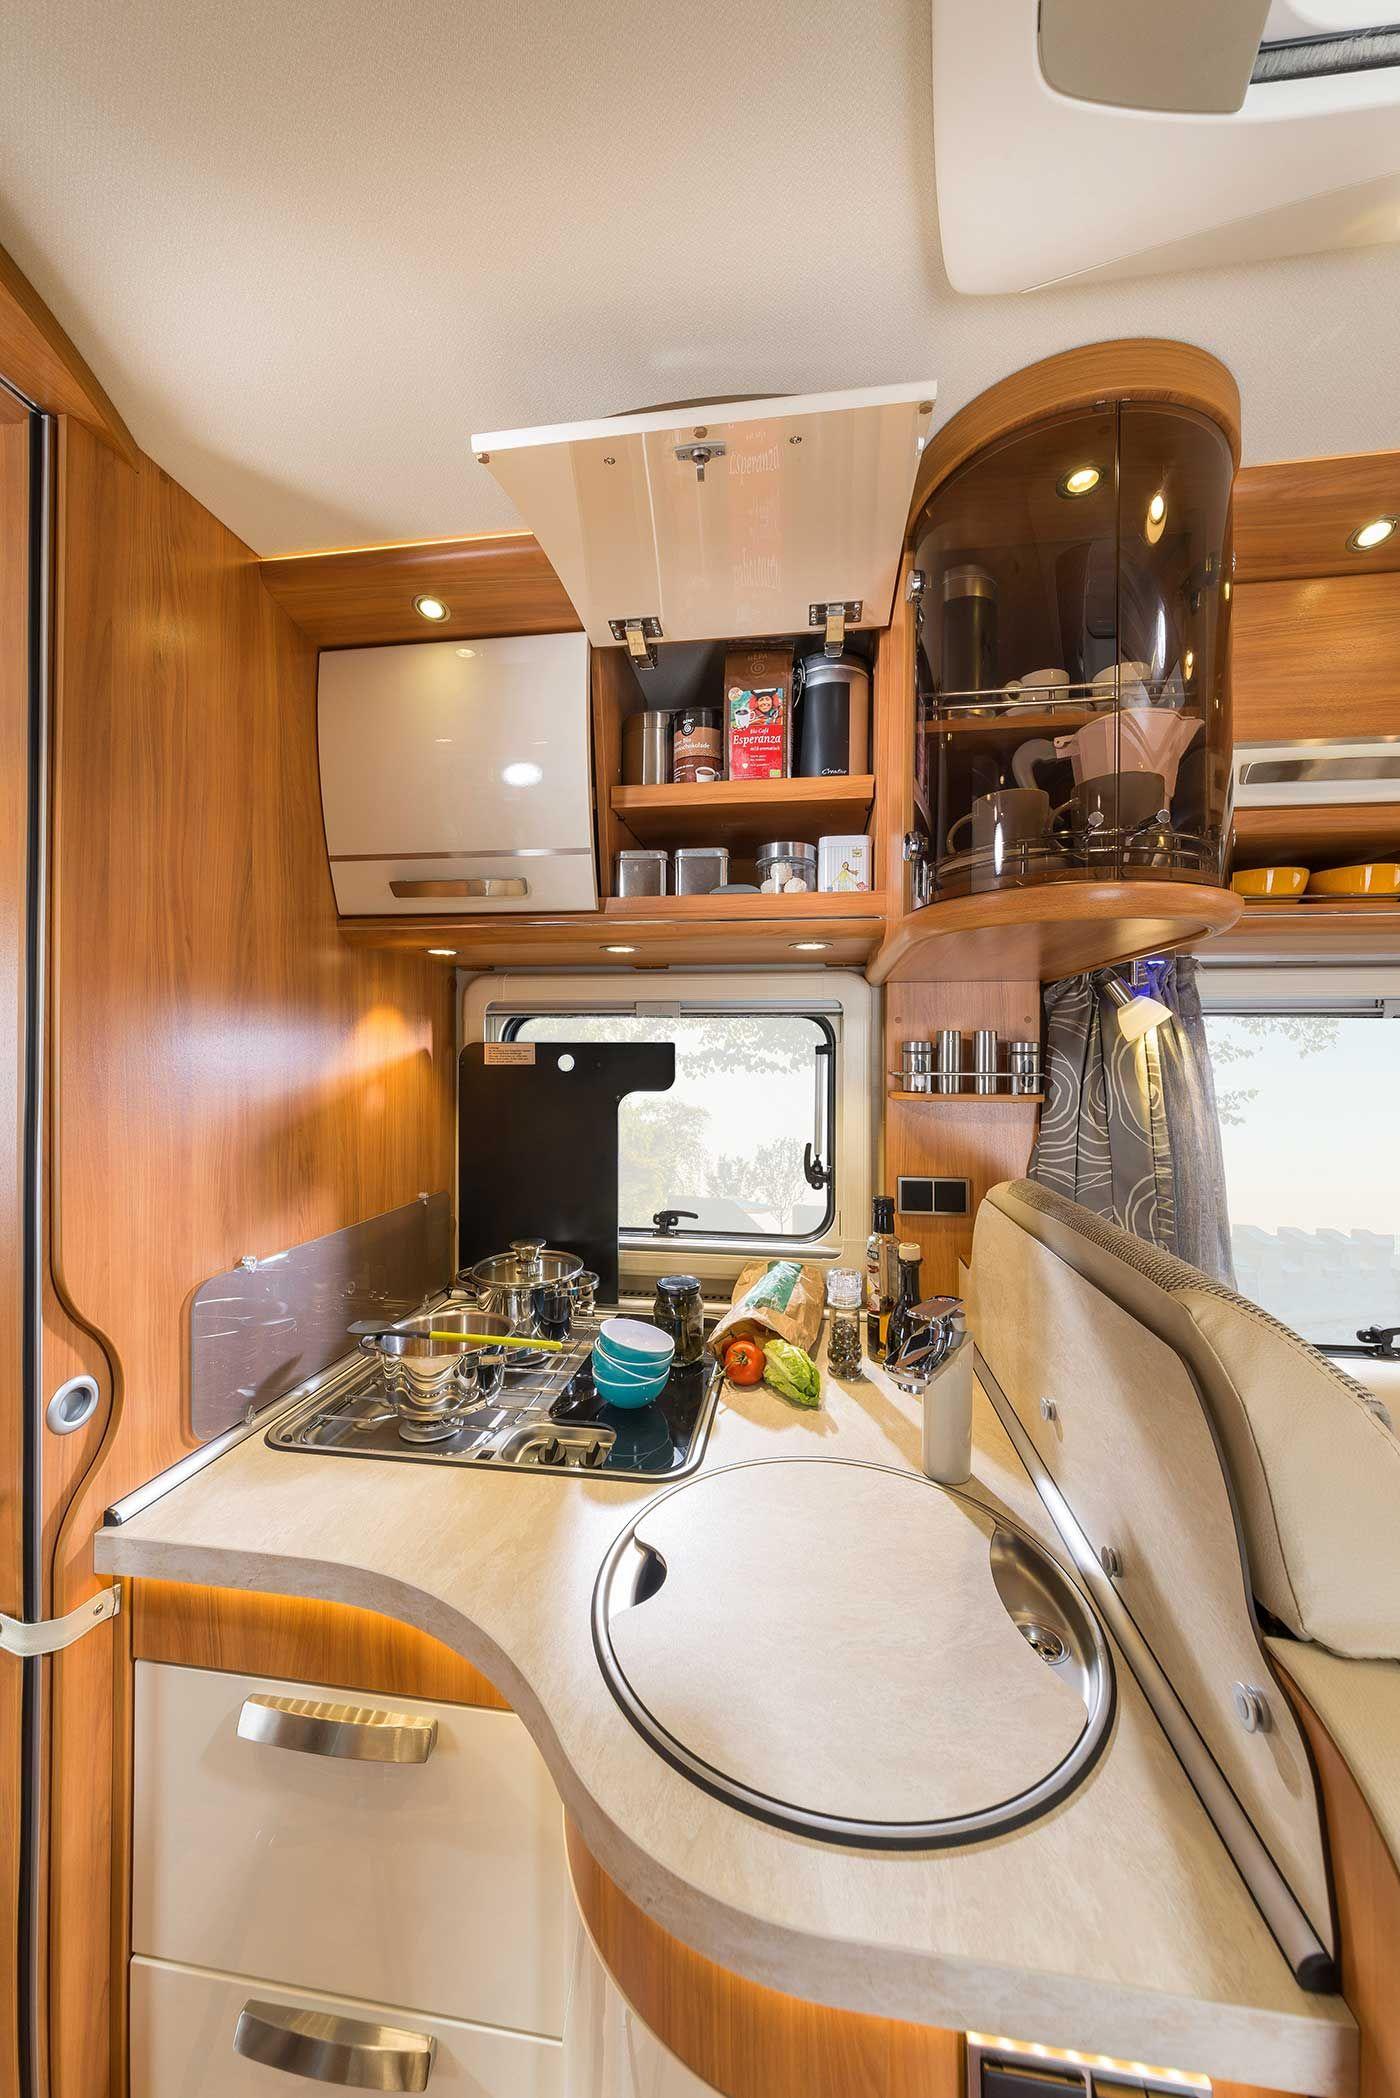 Wohnmobil Kuche Selber Bauen Home Design Ideen Micro Kitchen